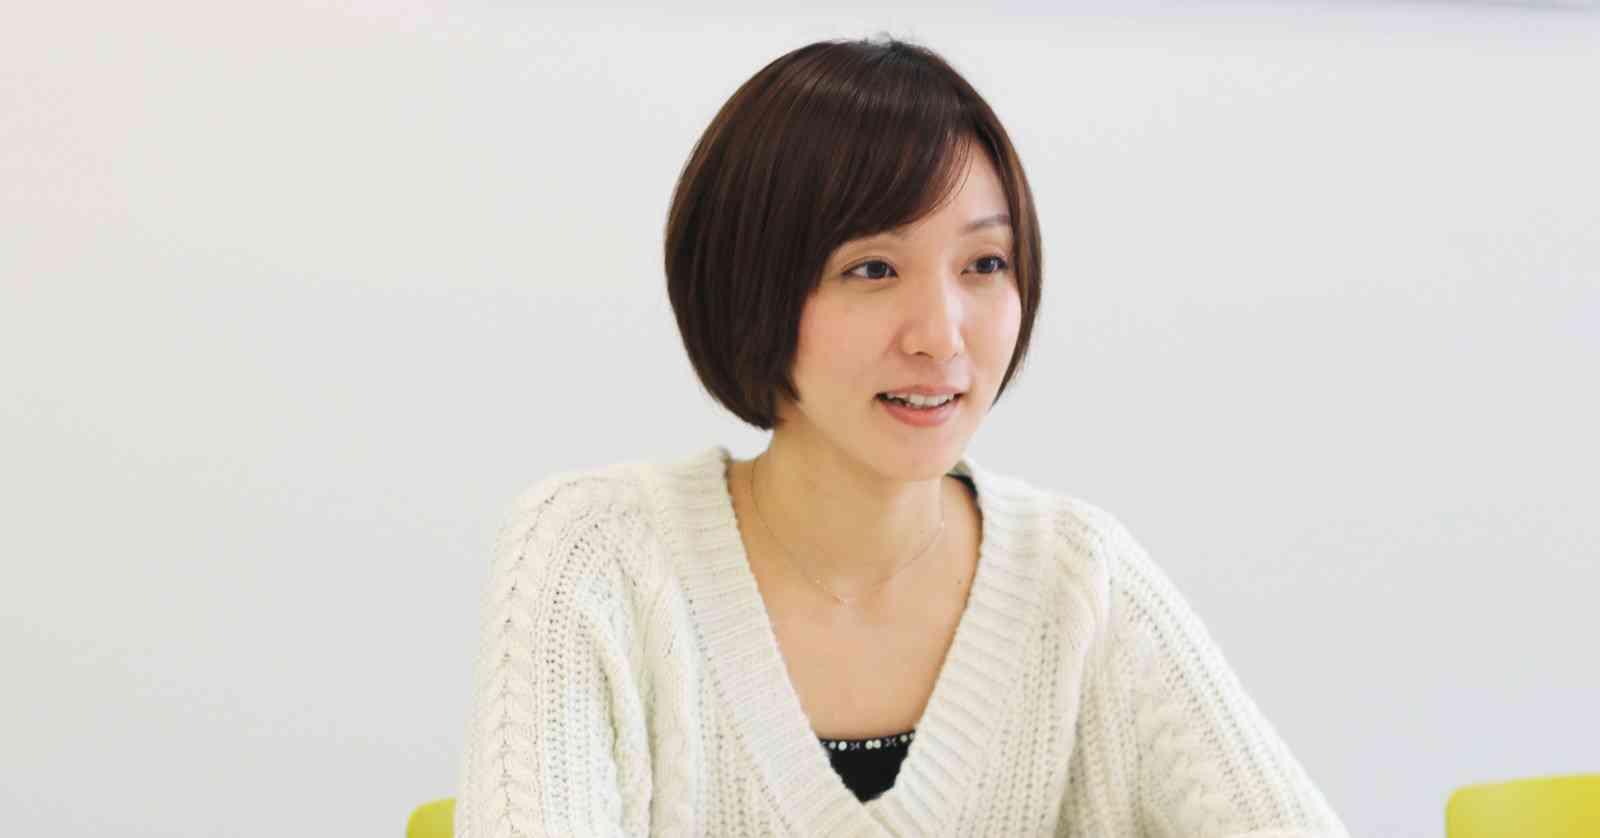 美山加恋らの起用は話題性ではない プリキュアが声優の人気、知名&#x5EA6